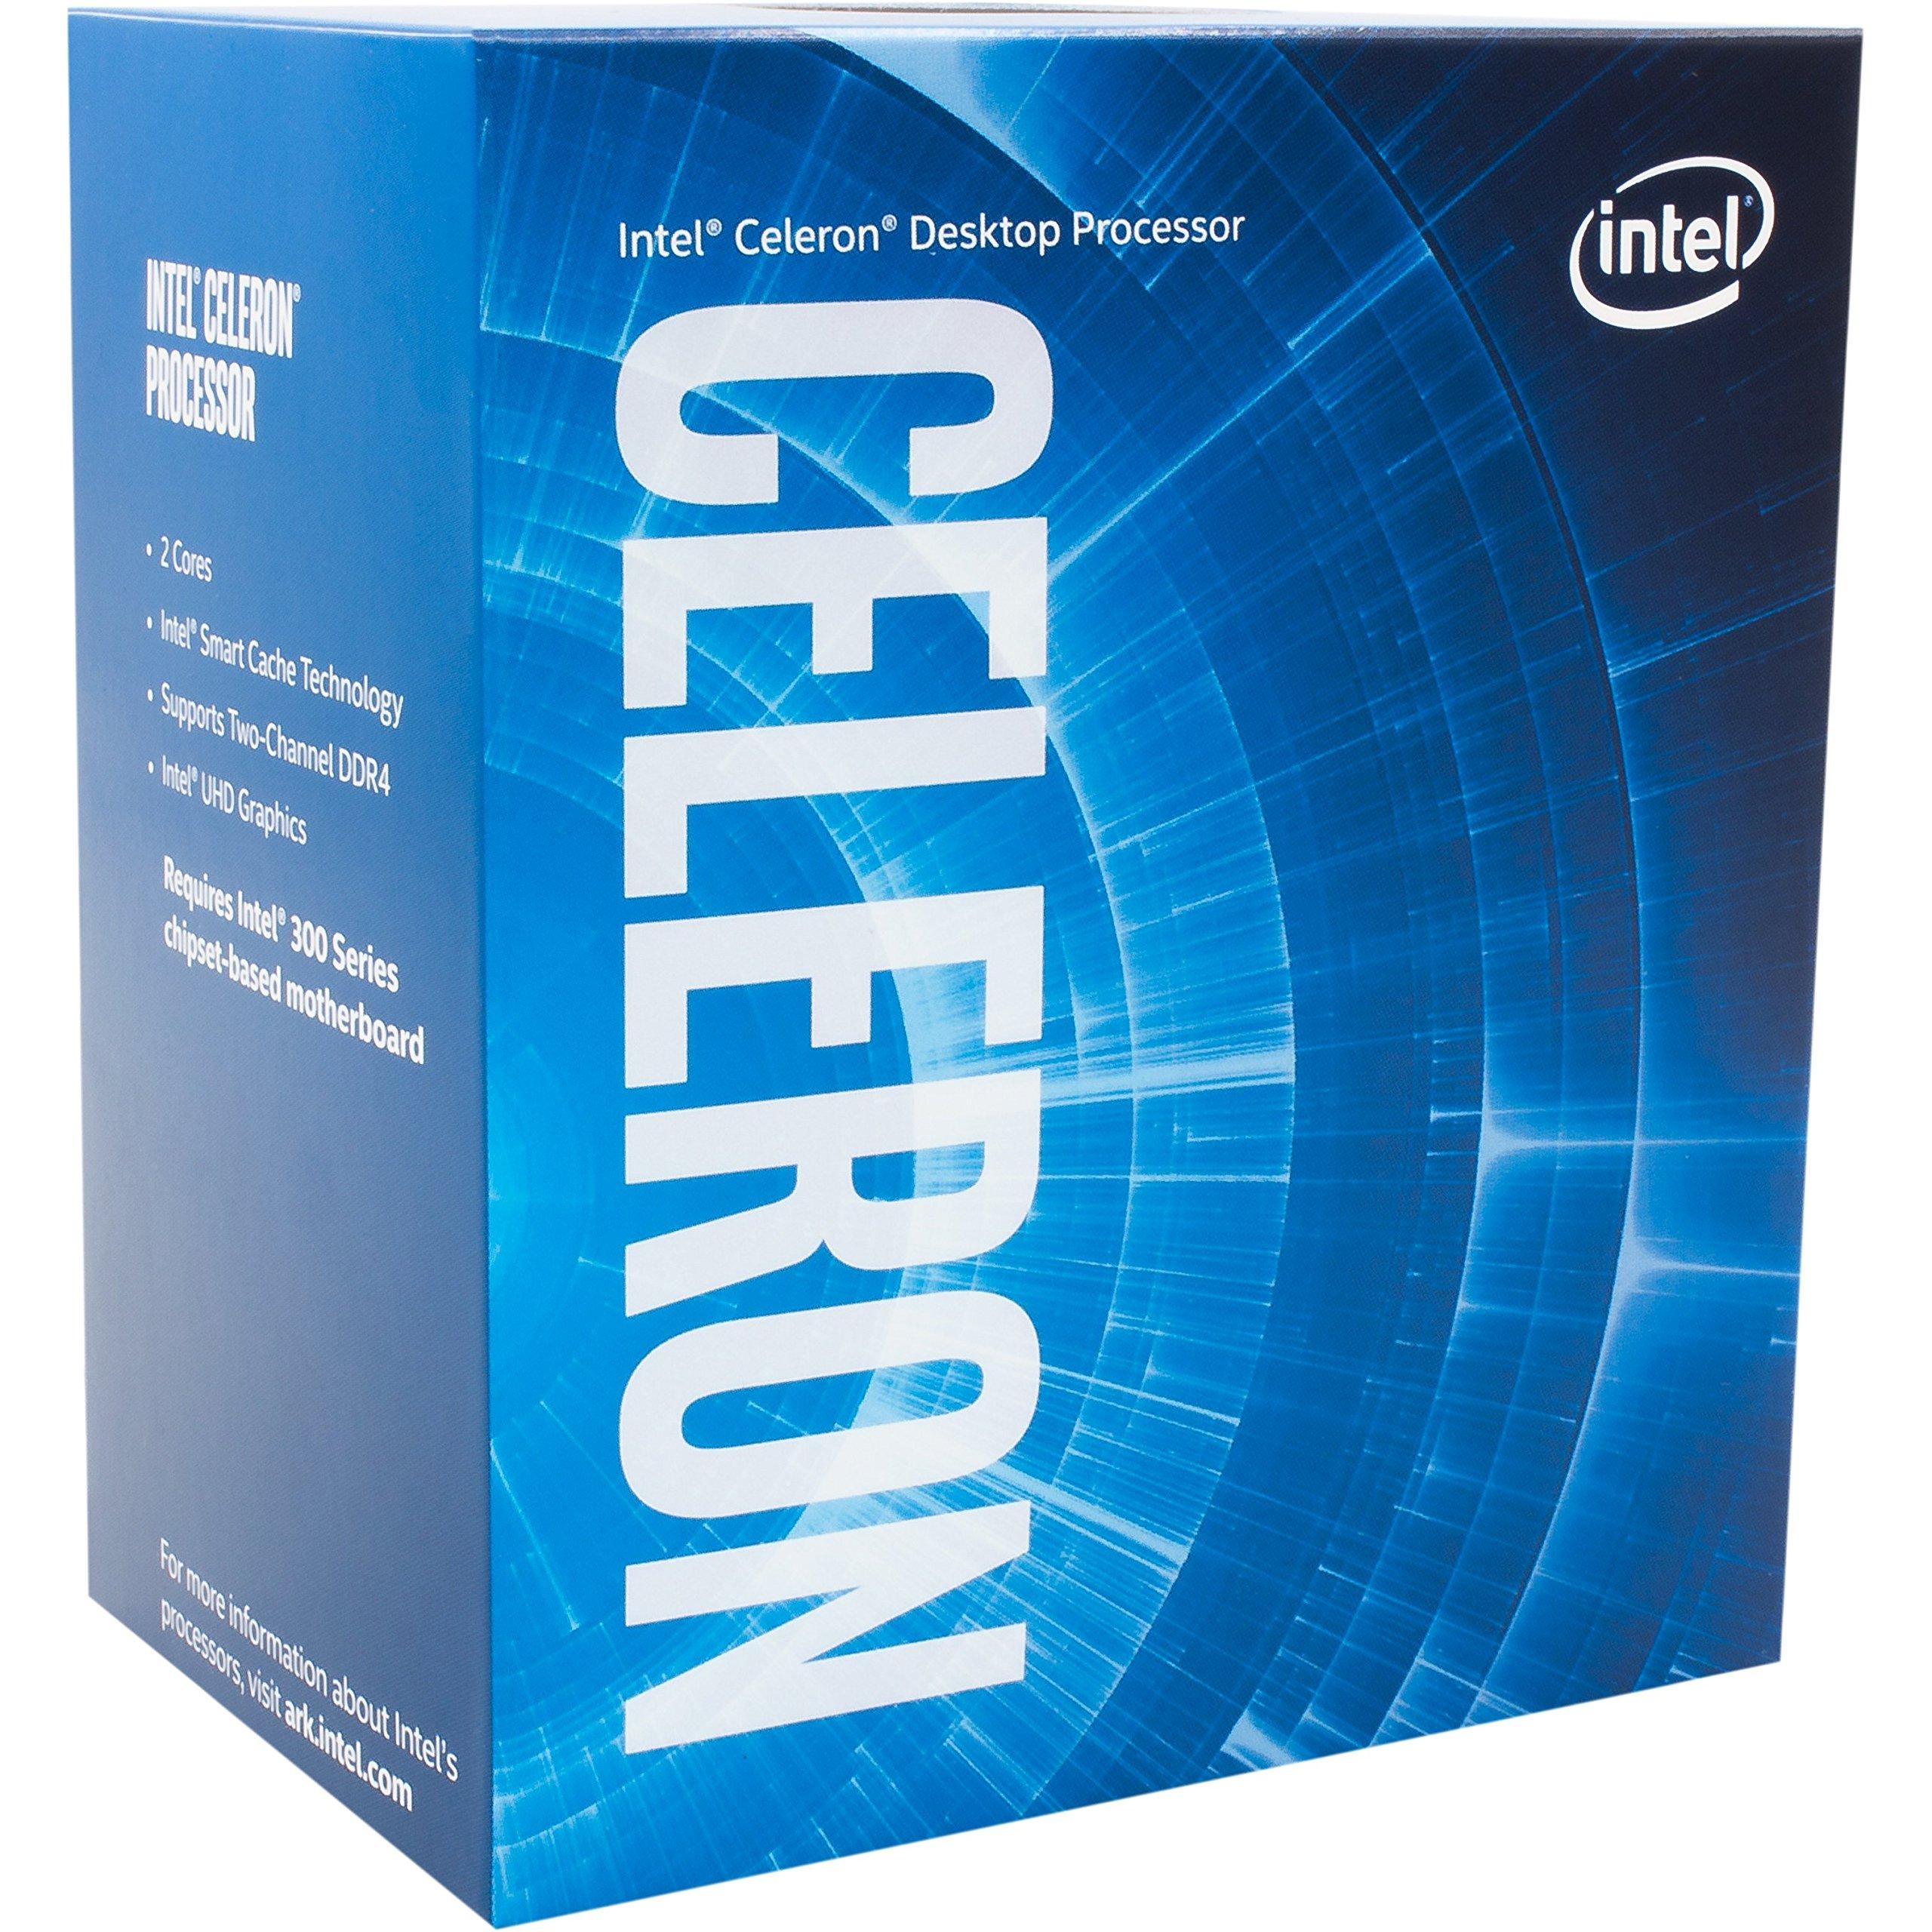 Intel Celeron G4900 Desktop Processor 2 Core 3.1GHz LGA1151 300 Series 54W BX80684G4900 by Intel